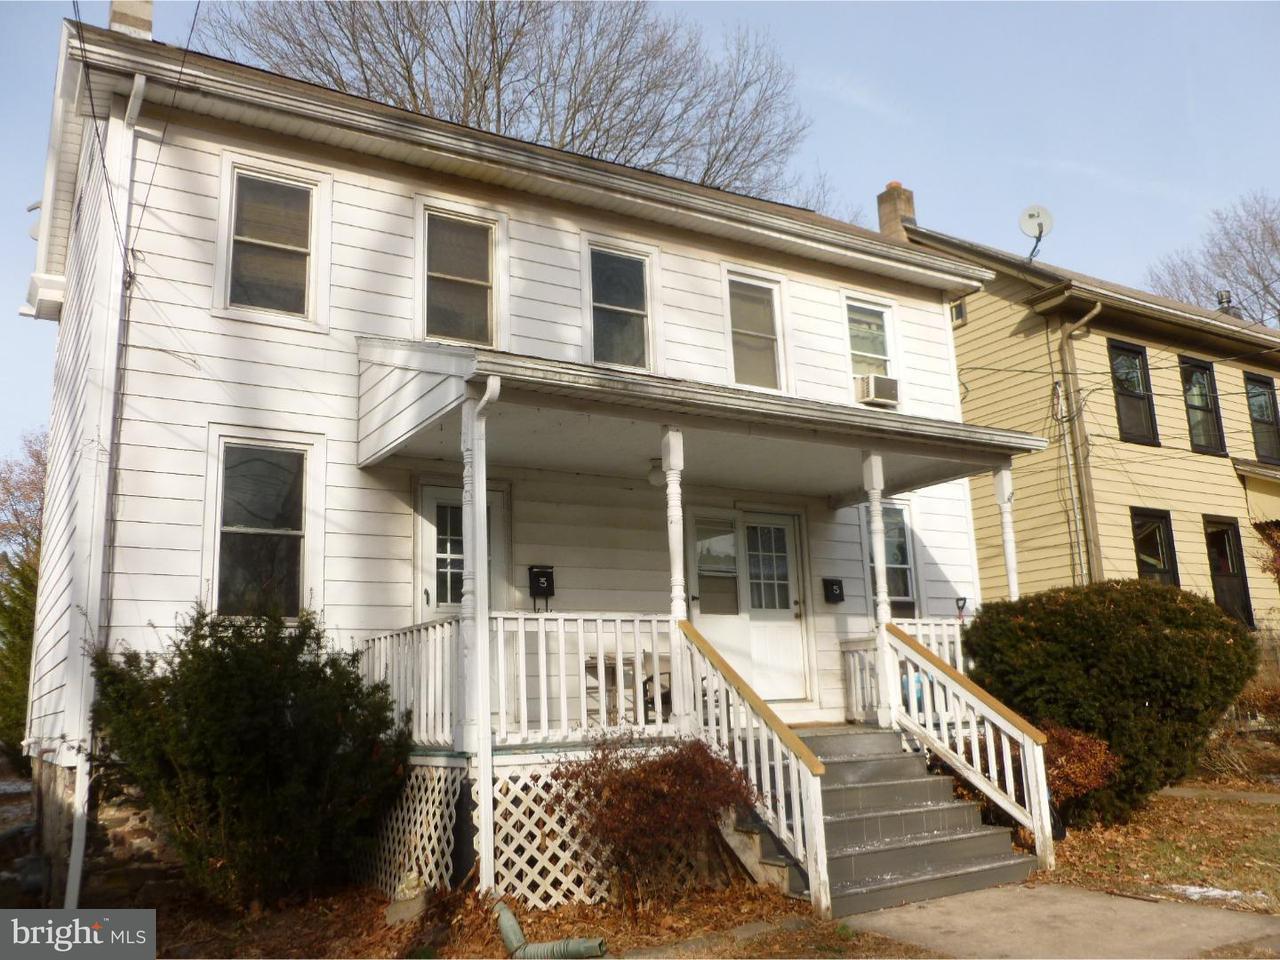 Casa unifamiliar adosada (Townhouse) por un Alquiler en 3 7TH Street Frenchtown, Nueva Jersey 08825 Estados UnidosEn/Alrededor: Frenchtown Borough